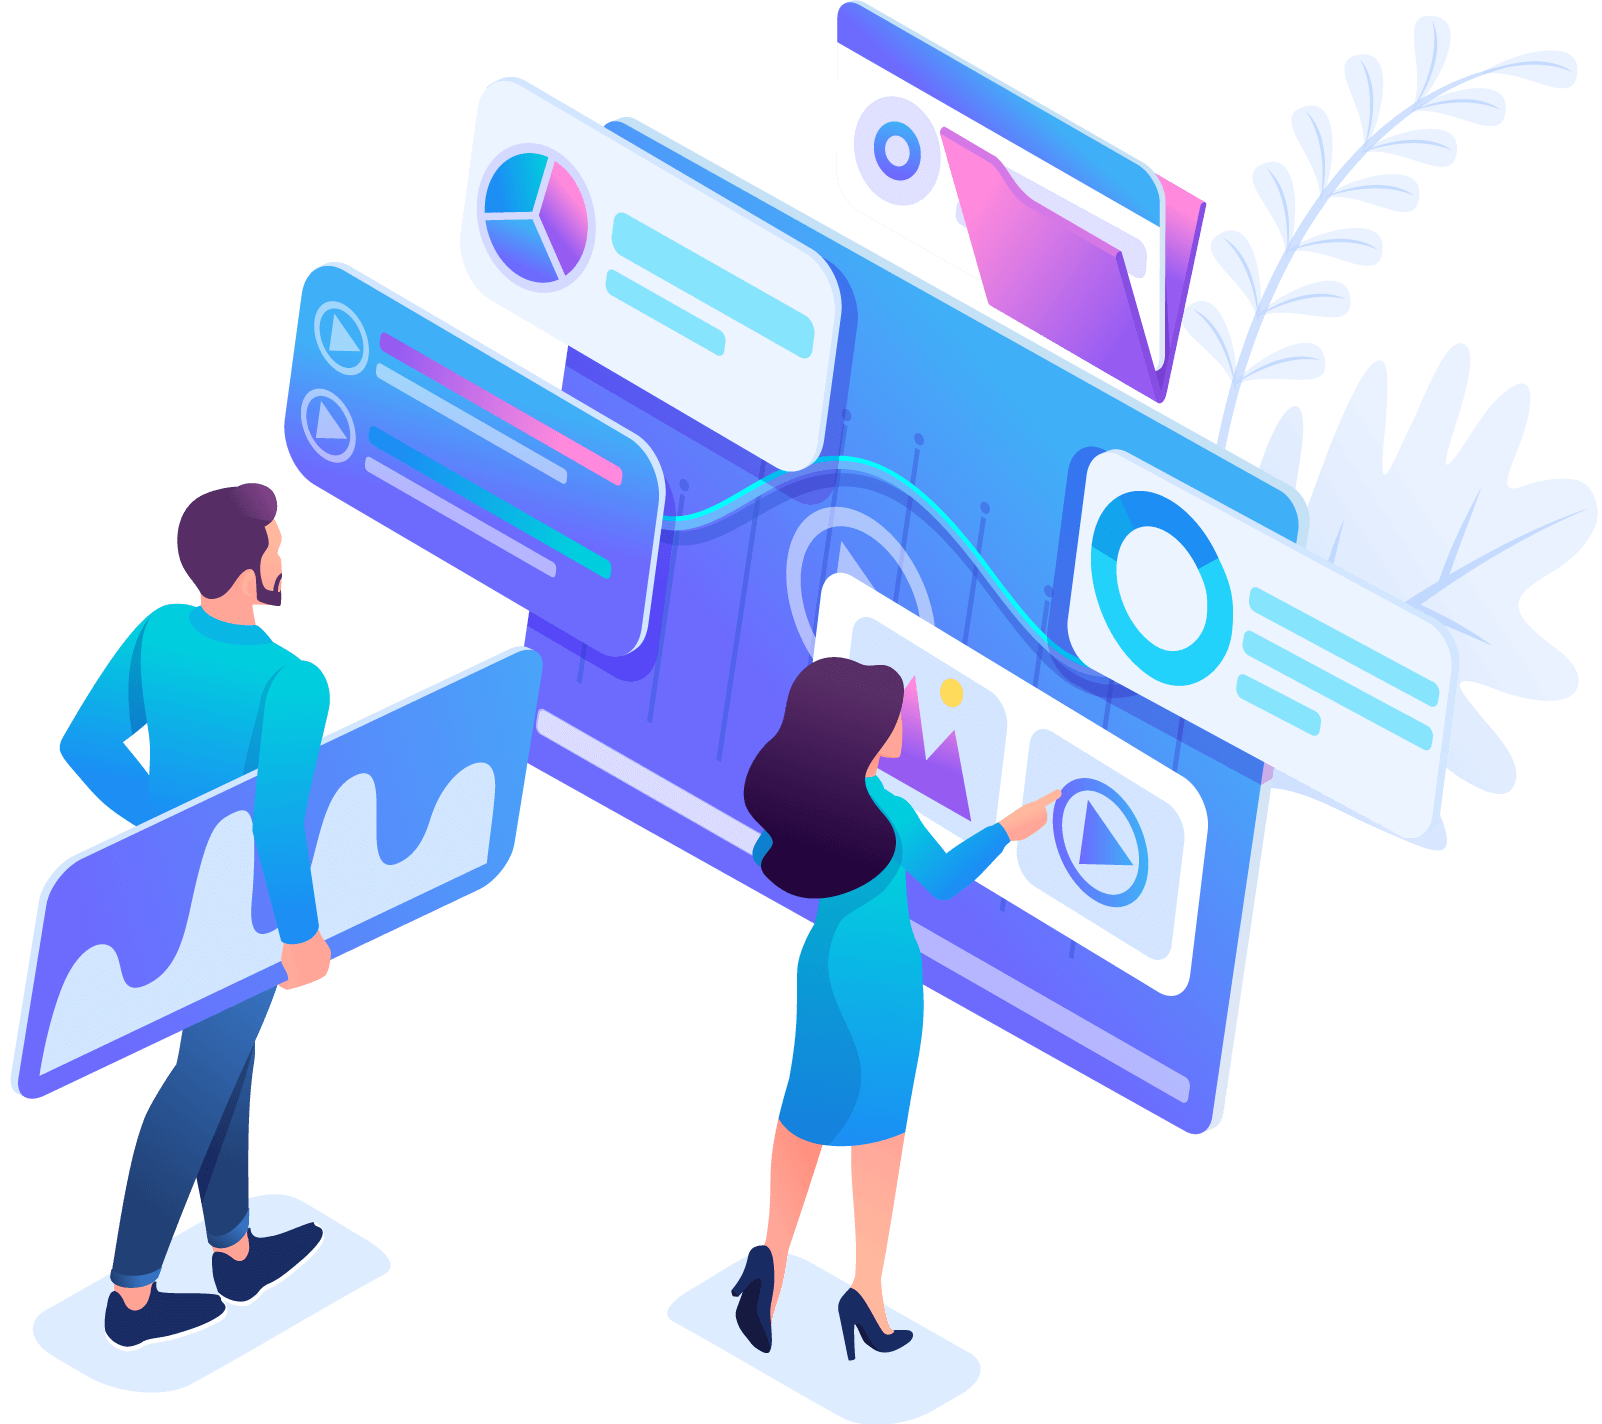 איקון - סוכנות פרסום ושיווק עסקים בדיגיטל - דיגיטל אפ